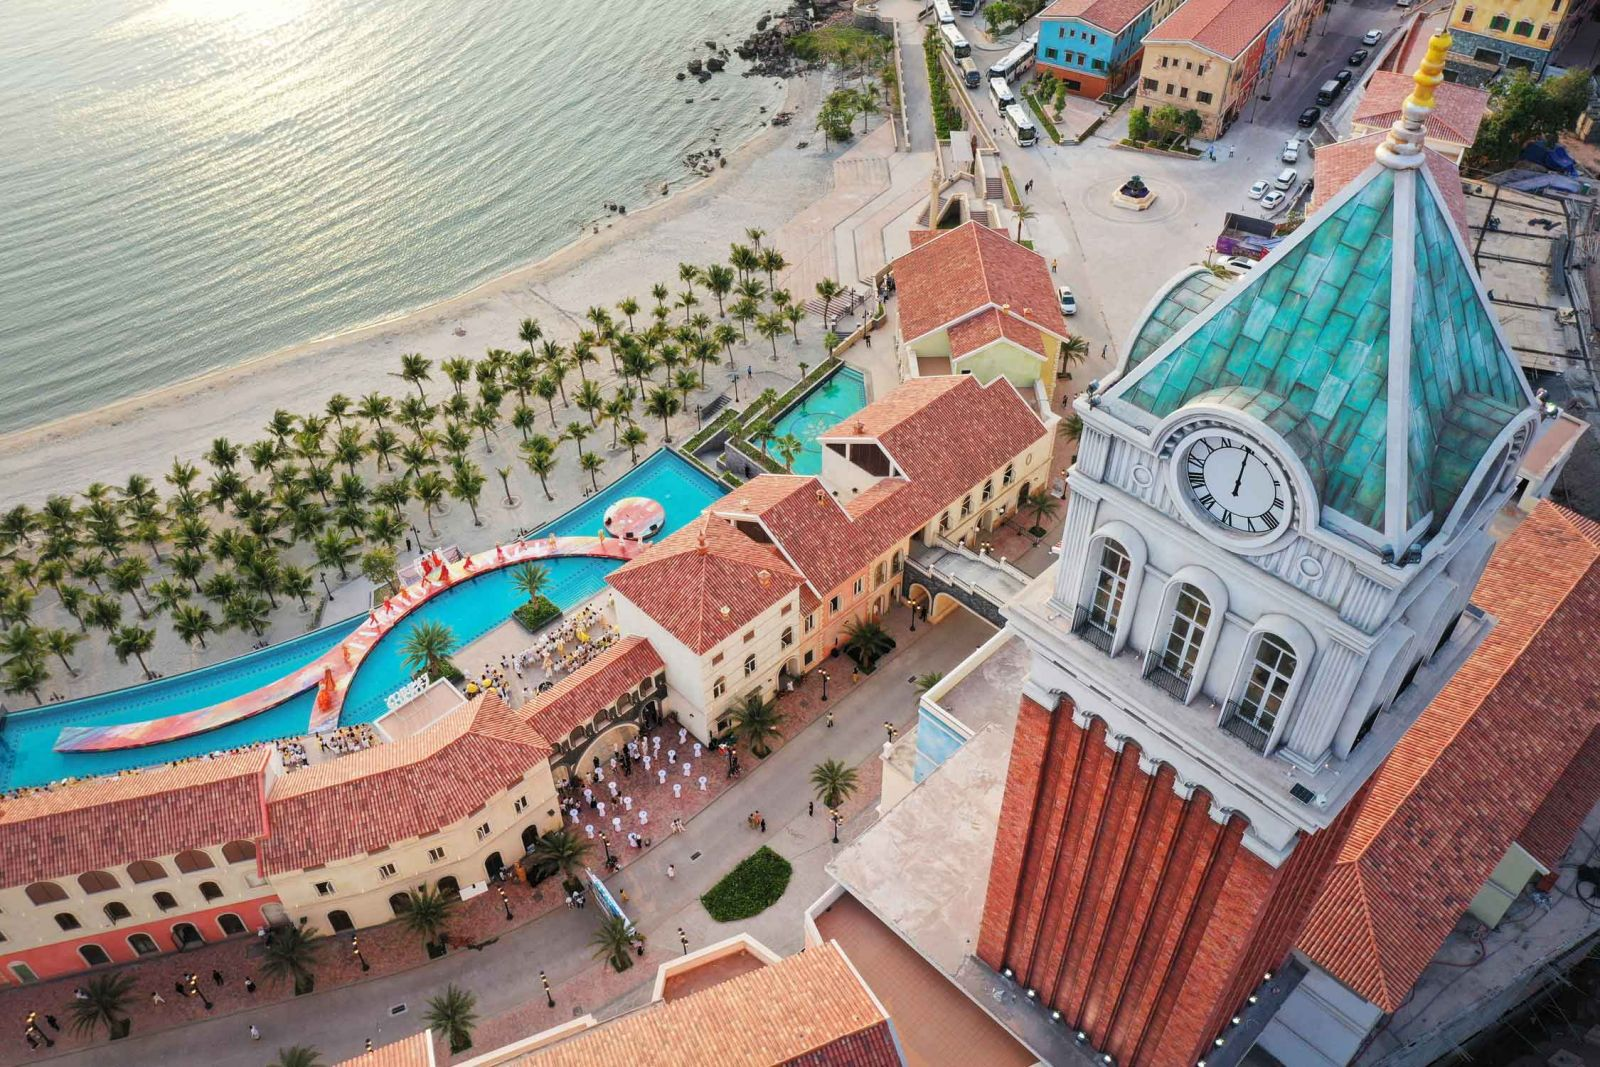 Dự án Central Village với kiến trúc Địa Trung Hải ấn tượng tại Nam Phú Quốc